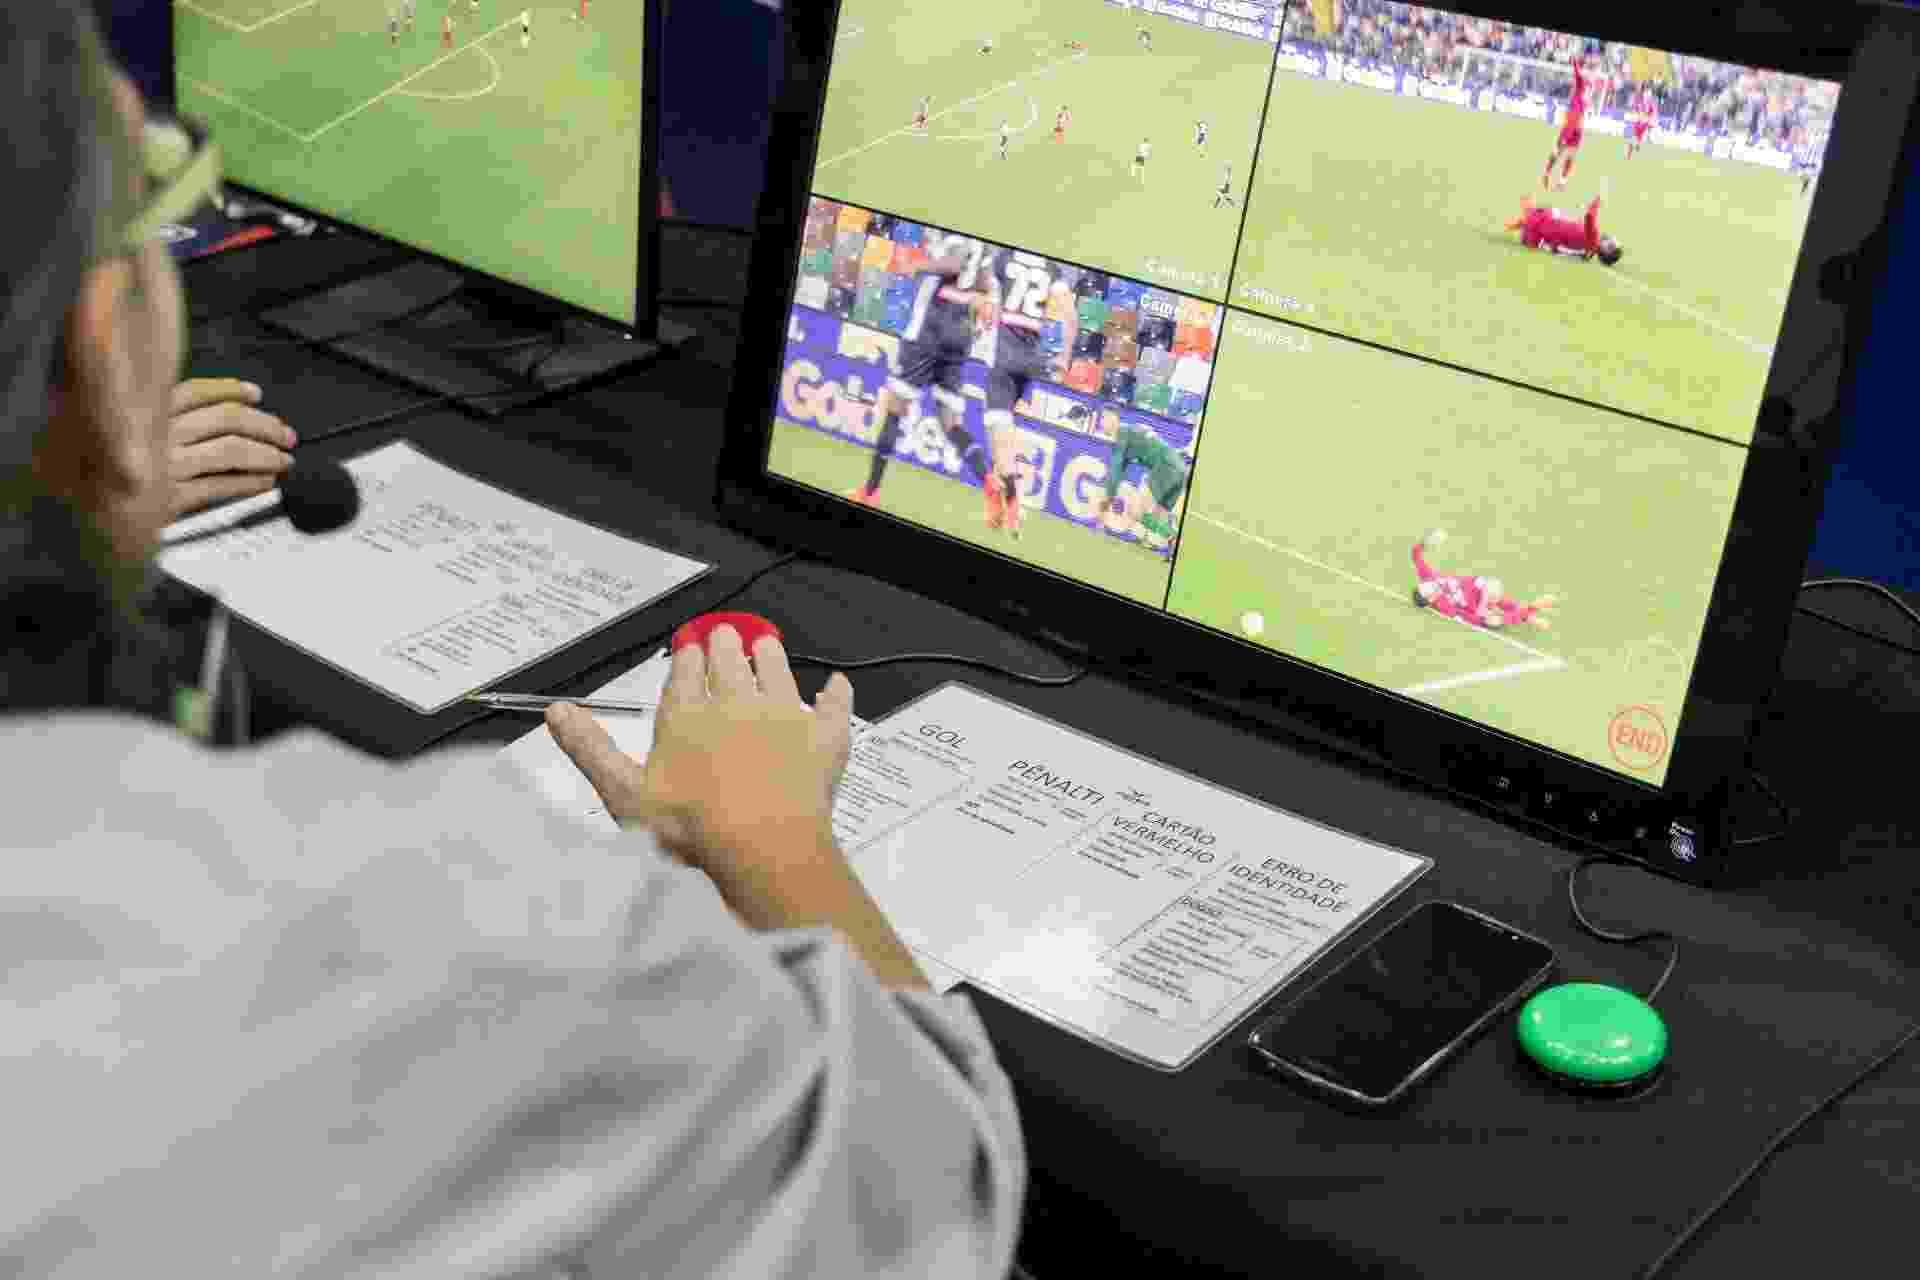 Jornalista Ricardo Perrone testa o árbitro auxiliar de vídeo (VAR) com a equipe de arbitragem da Federação Paulista de Futebol - Simon Plestenjak/UOL